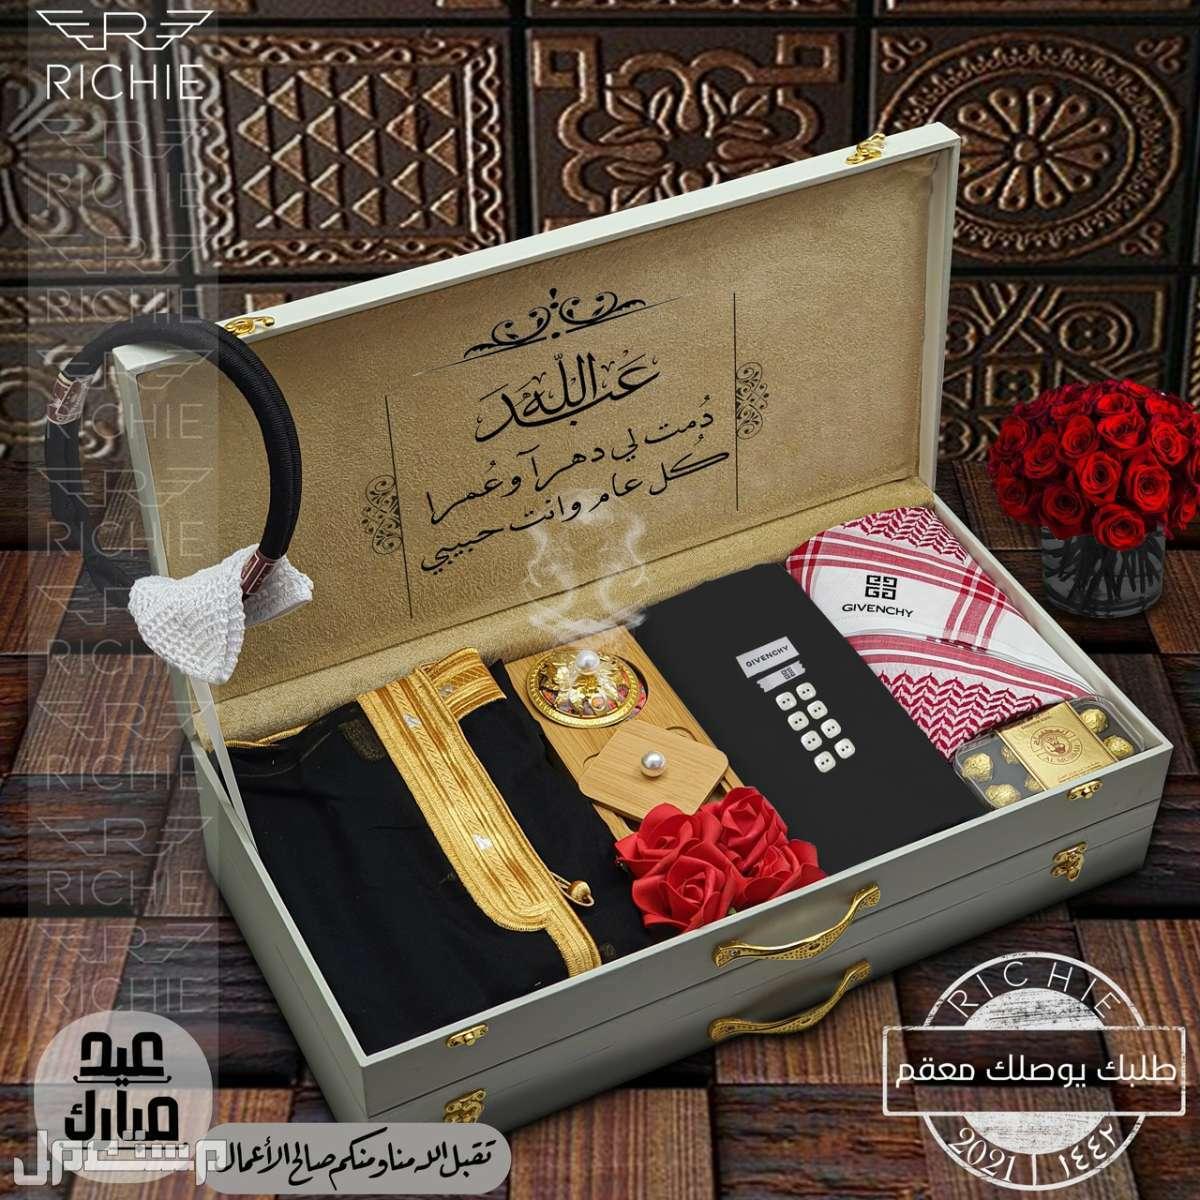 بكس هدايا رجالي للعيد # افخم الهدايا توصيل لجميع المدن